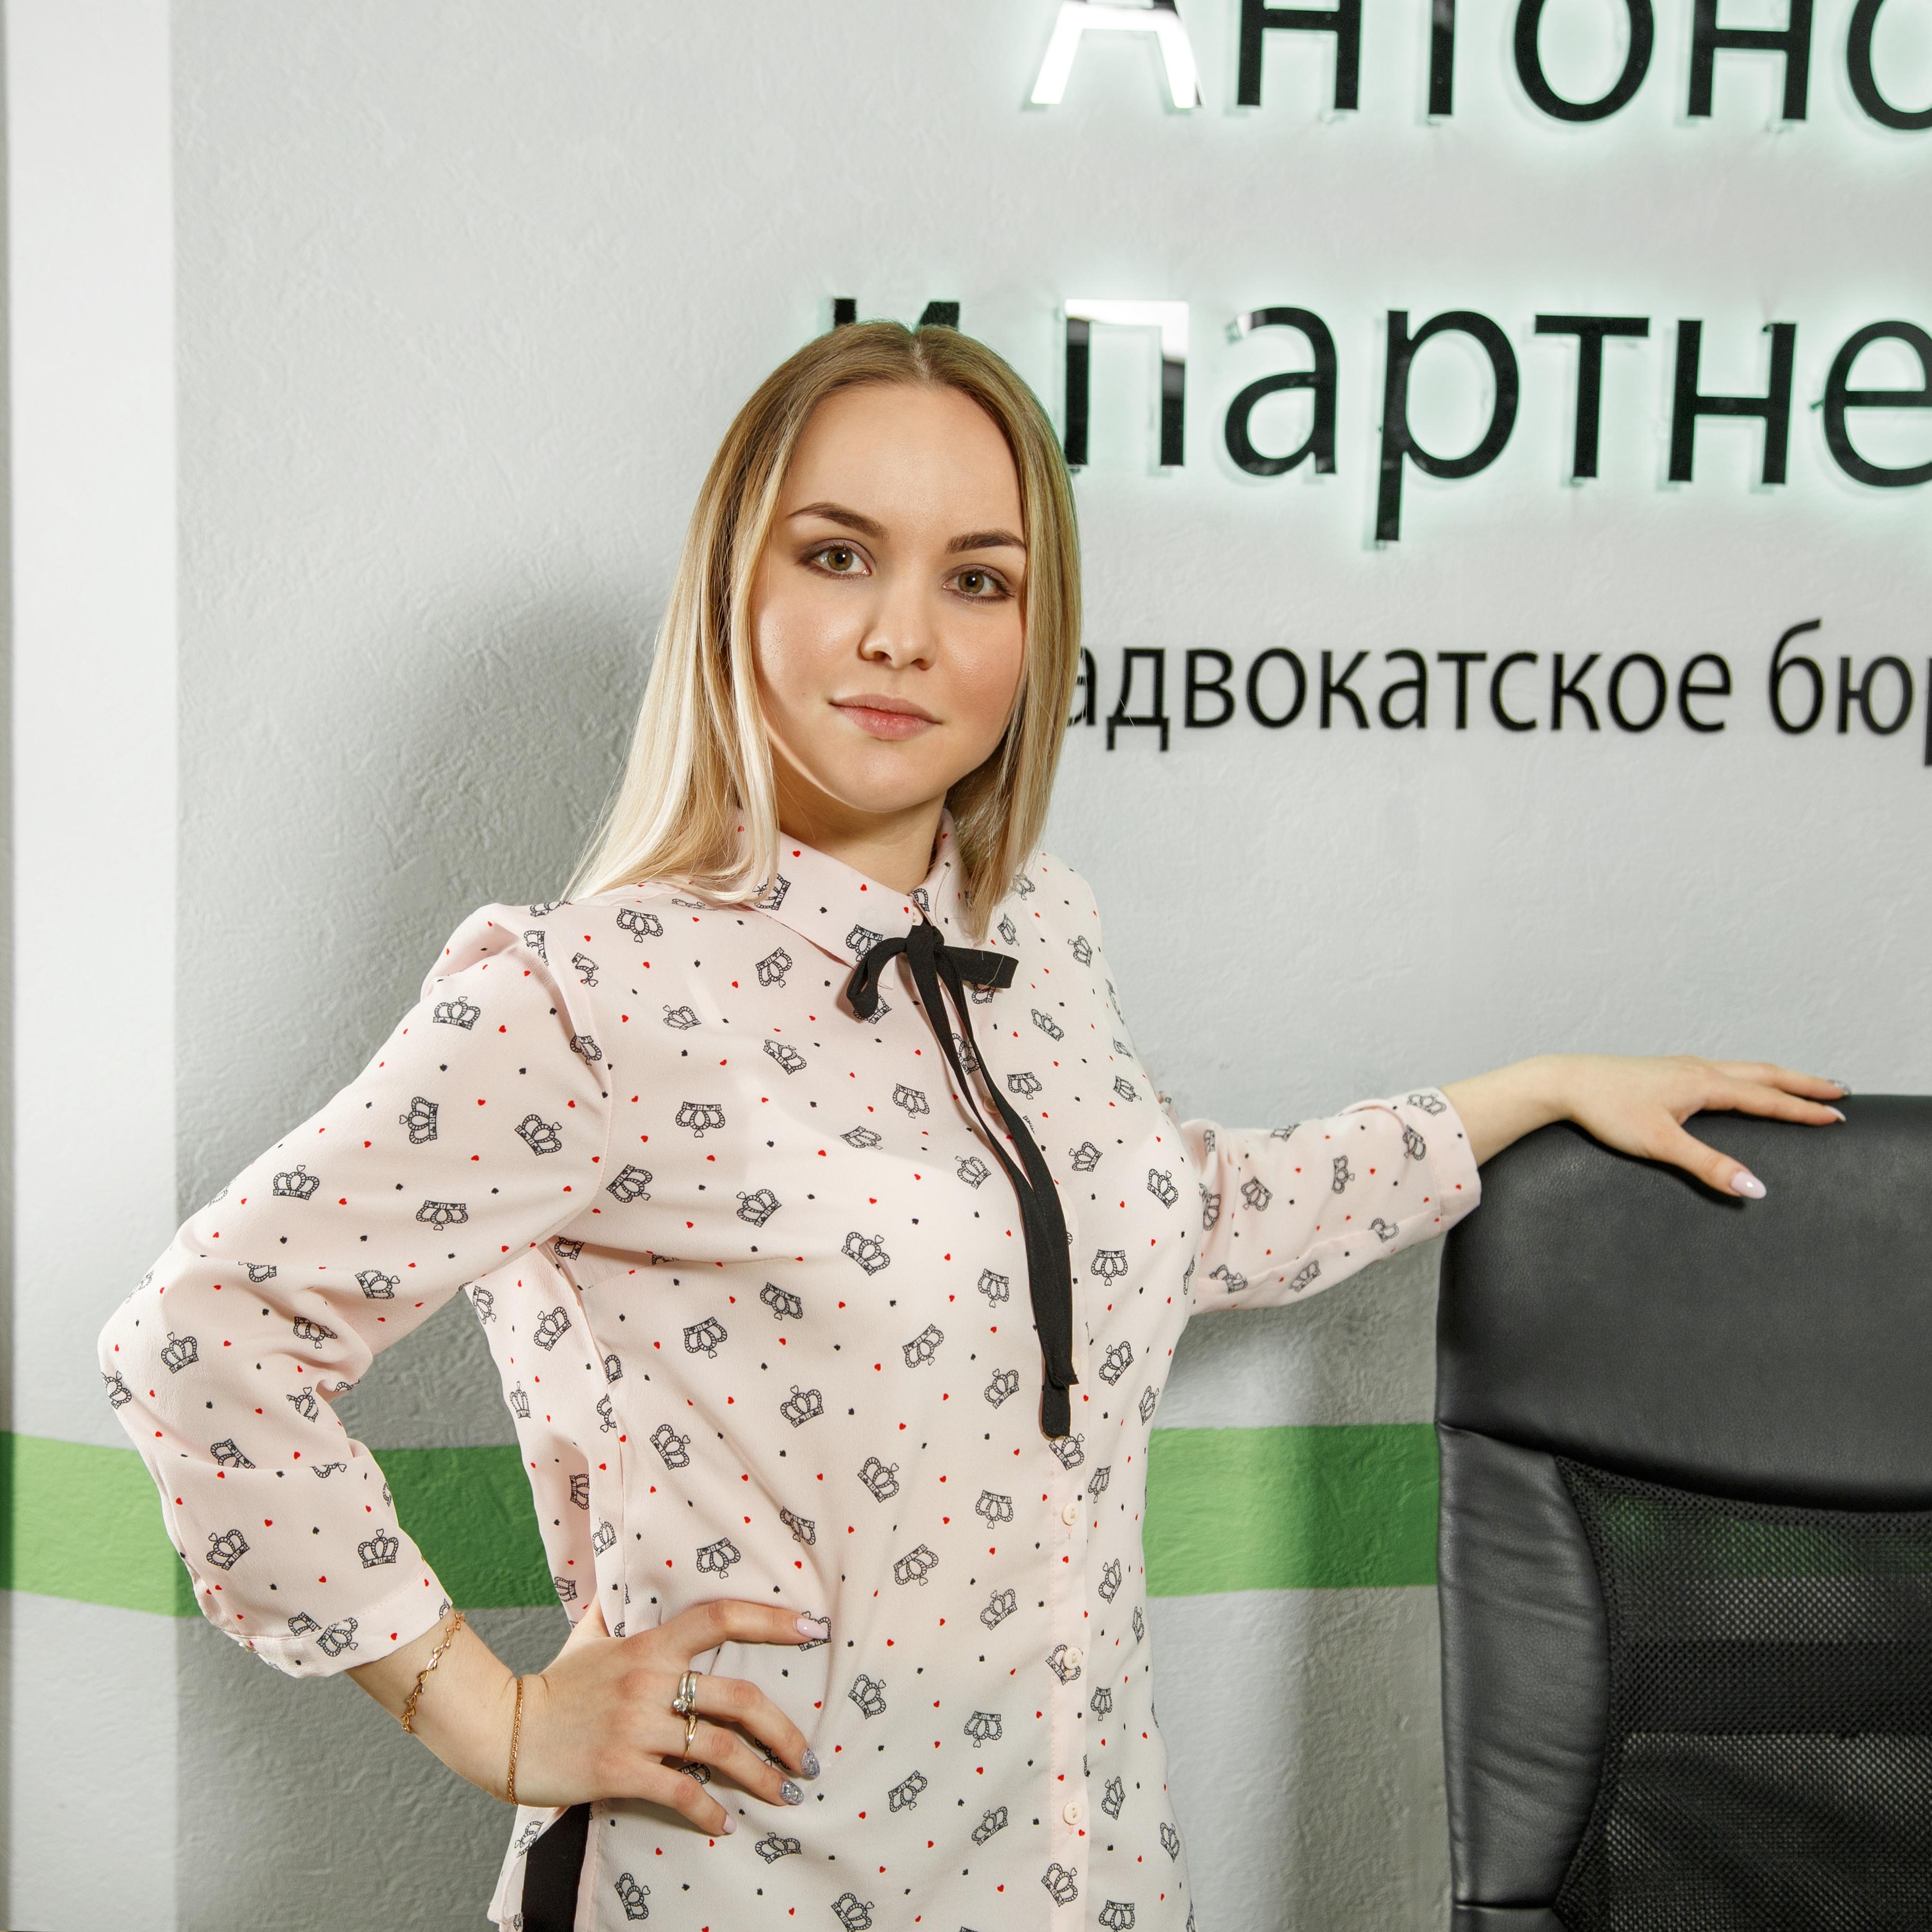 Данчева Алина Александровна